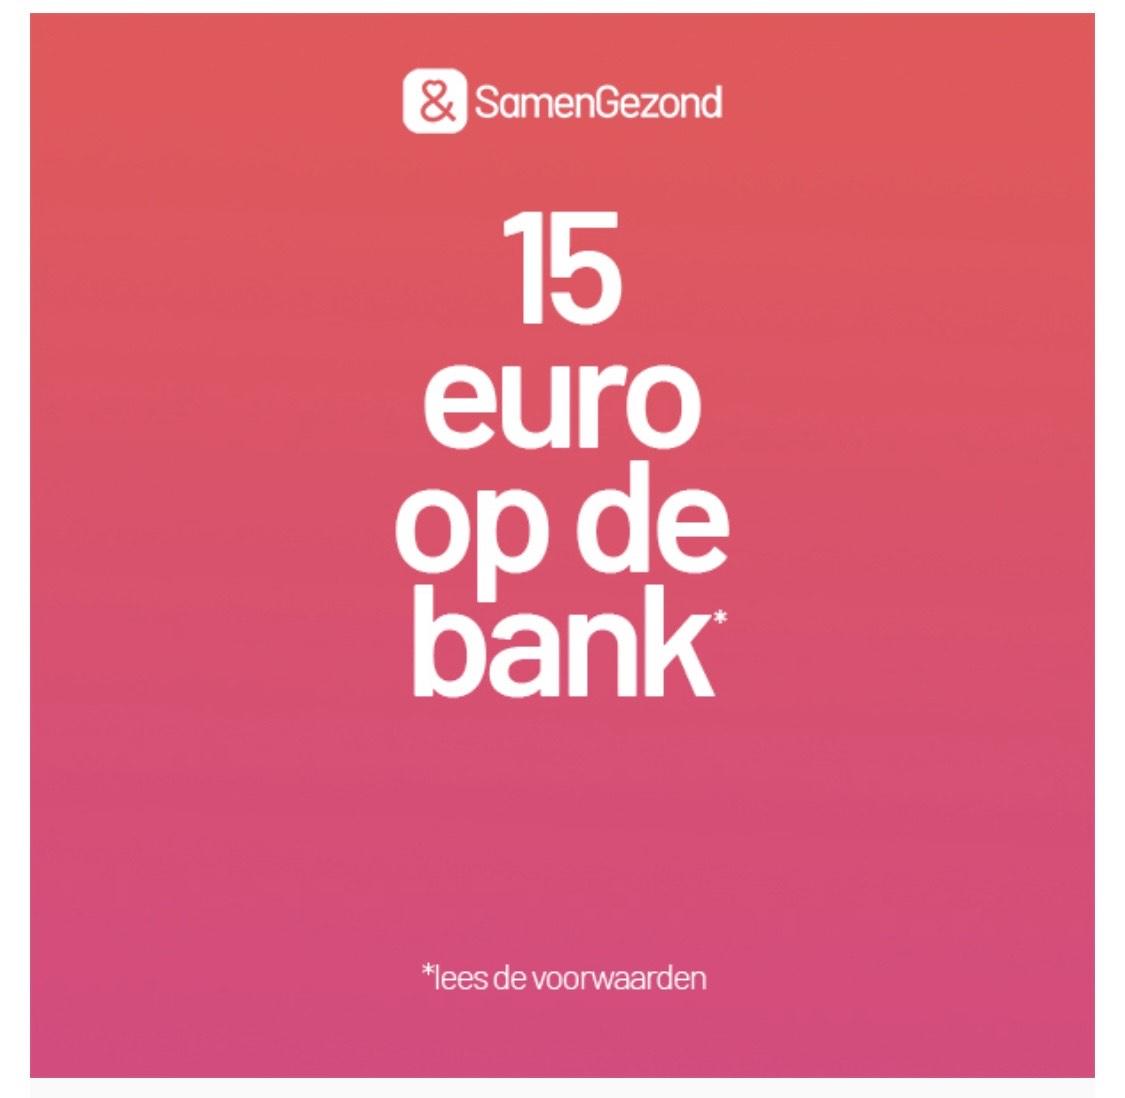 """€15 euro """"gratis"""" bij 4x je weekdoel SamenGezond met Menzis', Anderzorg of HEMA Alleen als je mail hebt ontvangen!"""